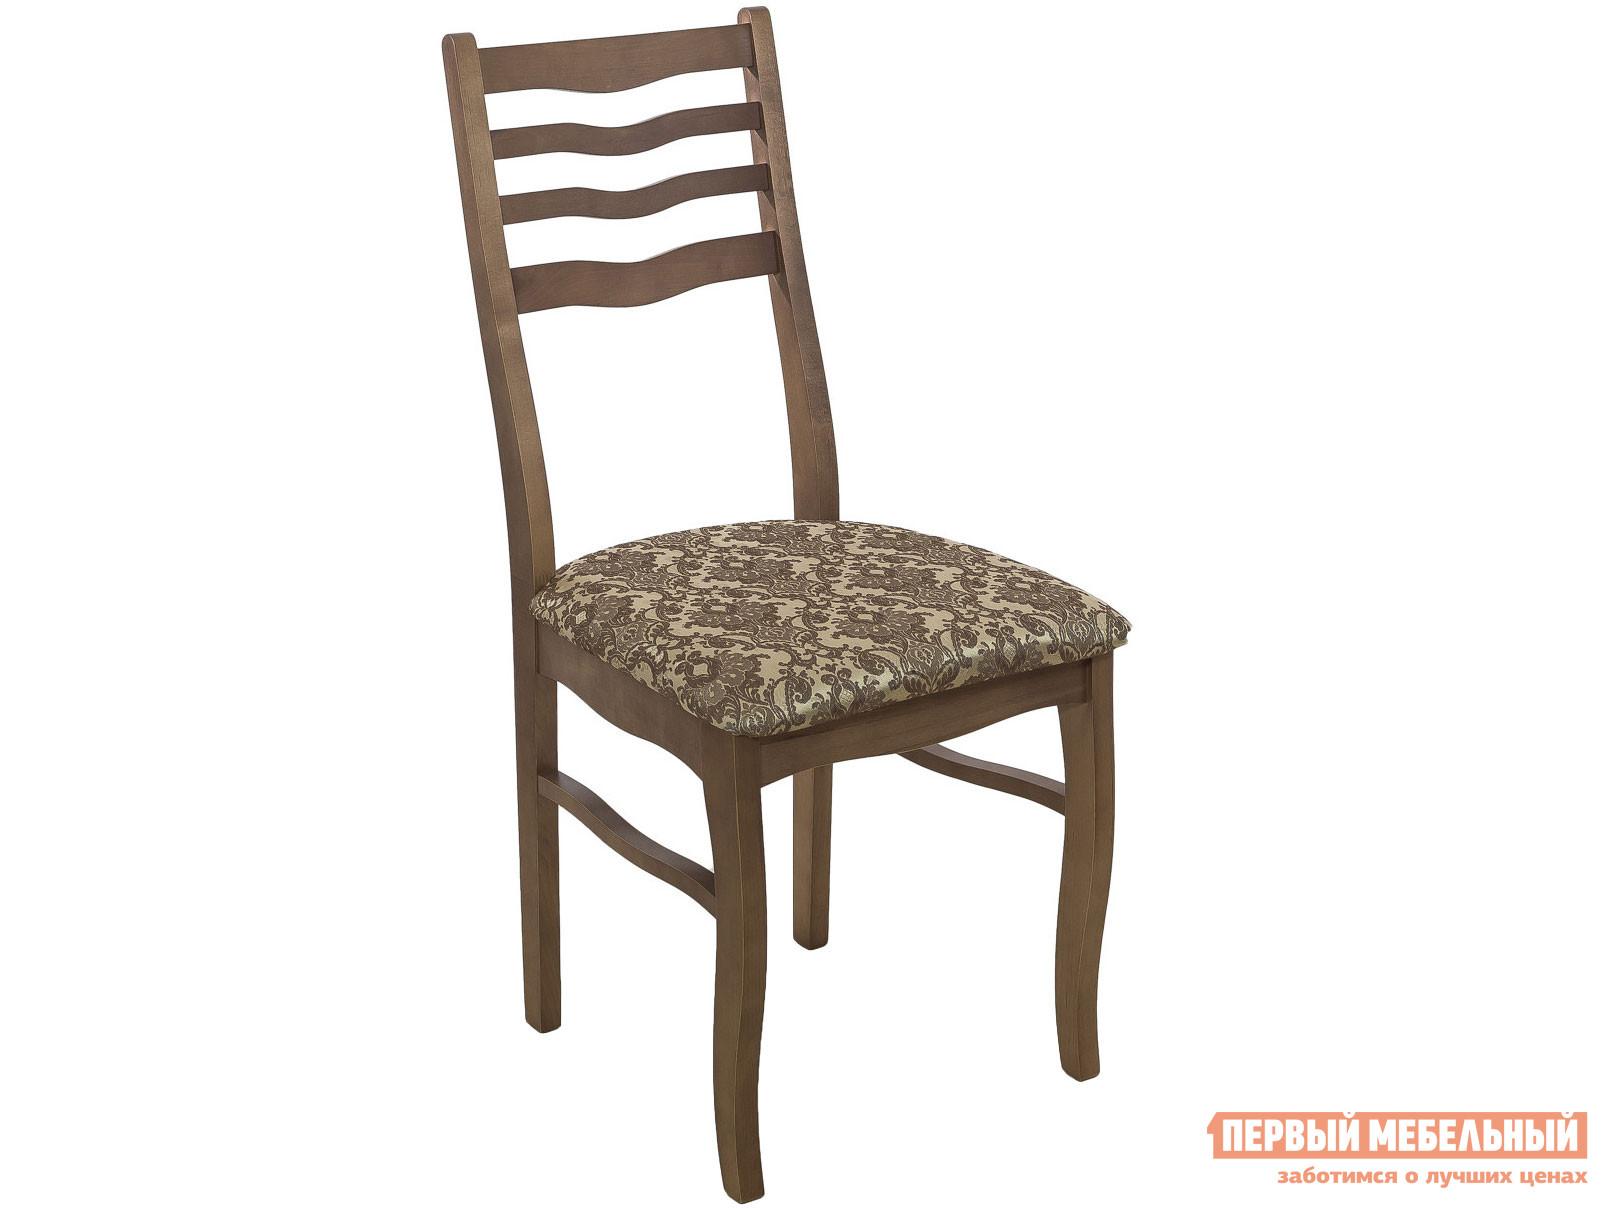 кухонный стул дик стул сибарит 35 11 Кухонный стул ДИК Стул М16